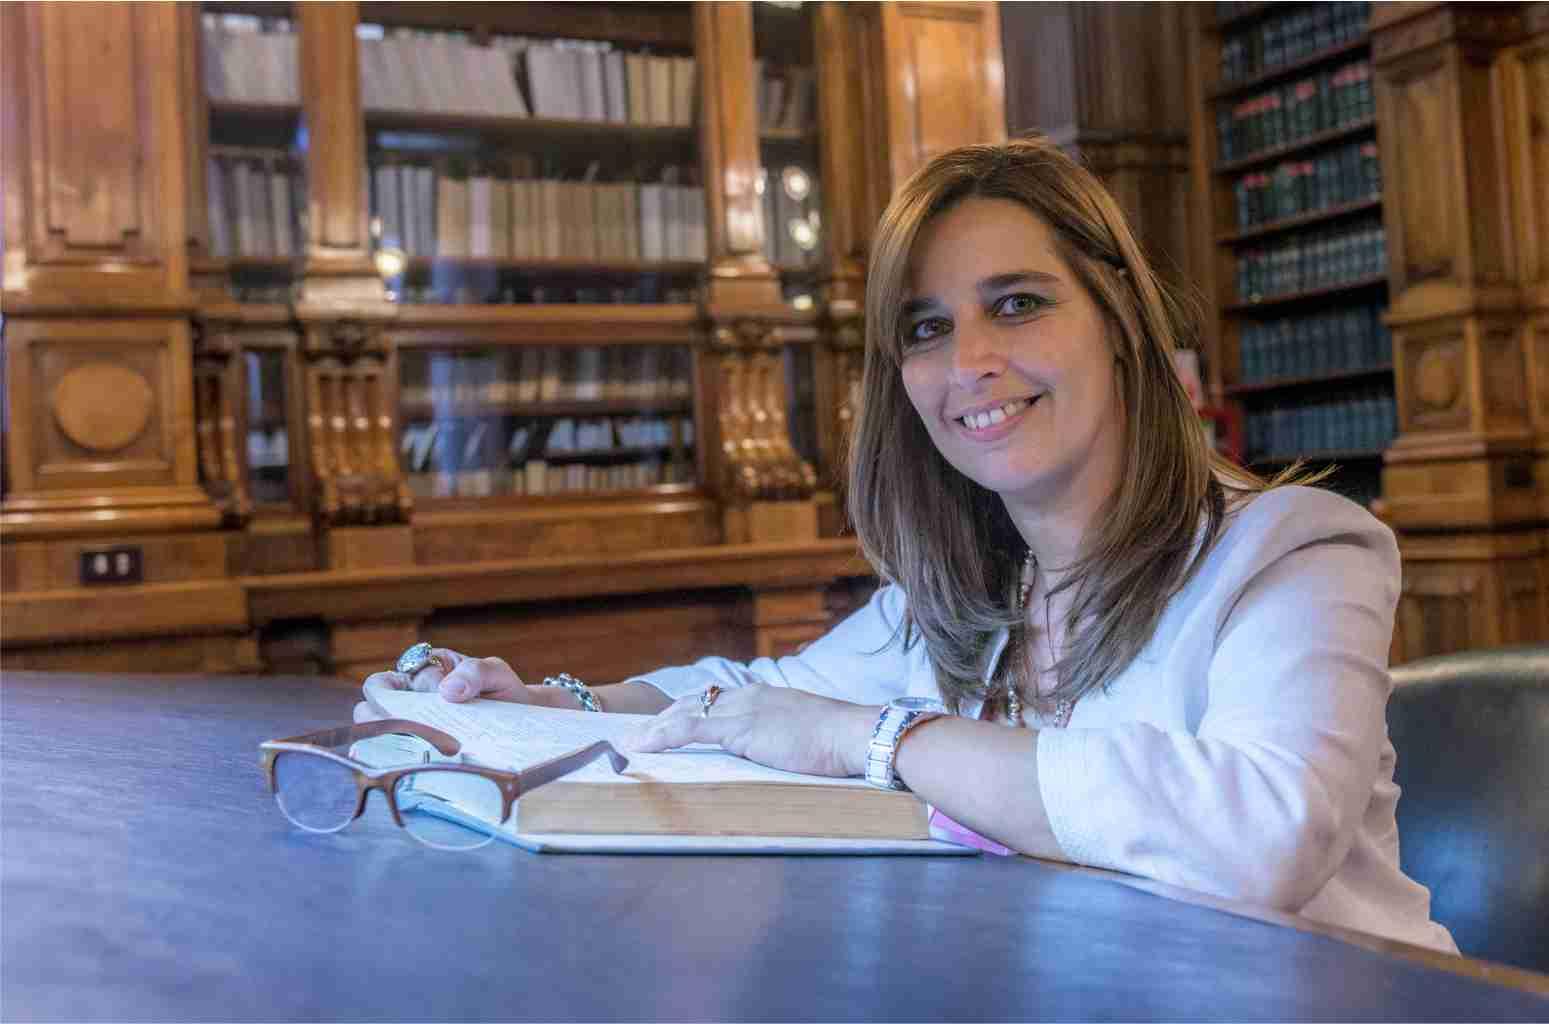 Avanza proyecto para declarar Área Urbana Histórica Nacional al Pasaje Verna de la ciudad de Córdoba